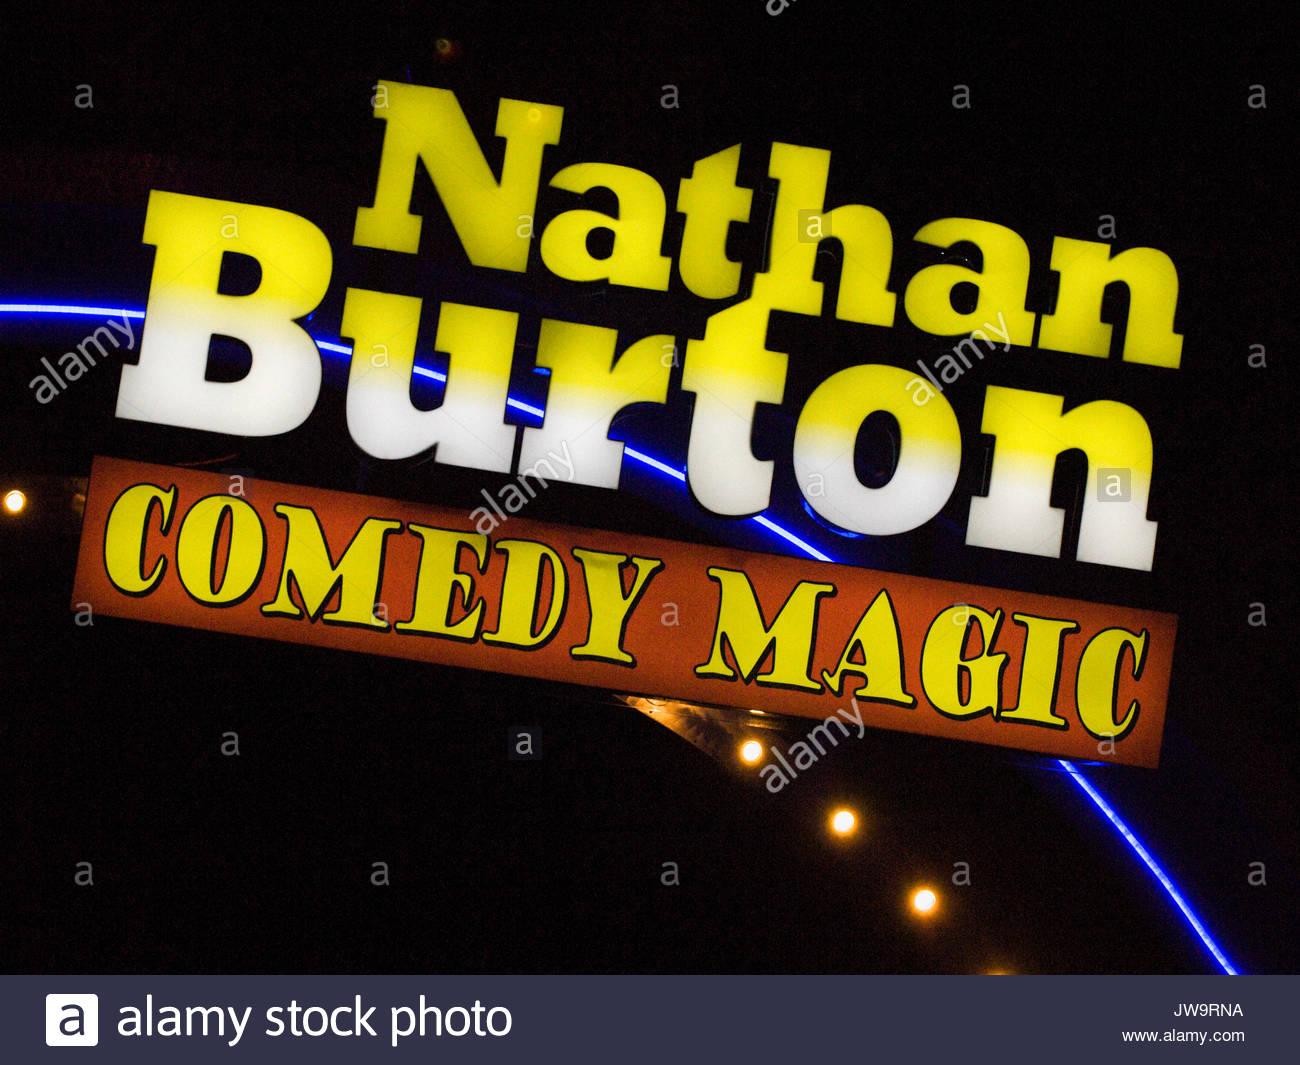 nathan burton comedy